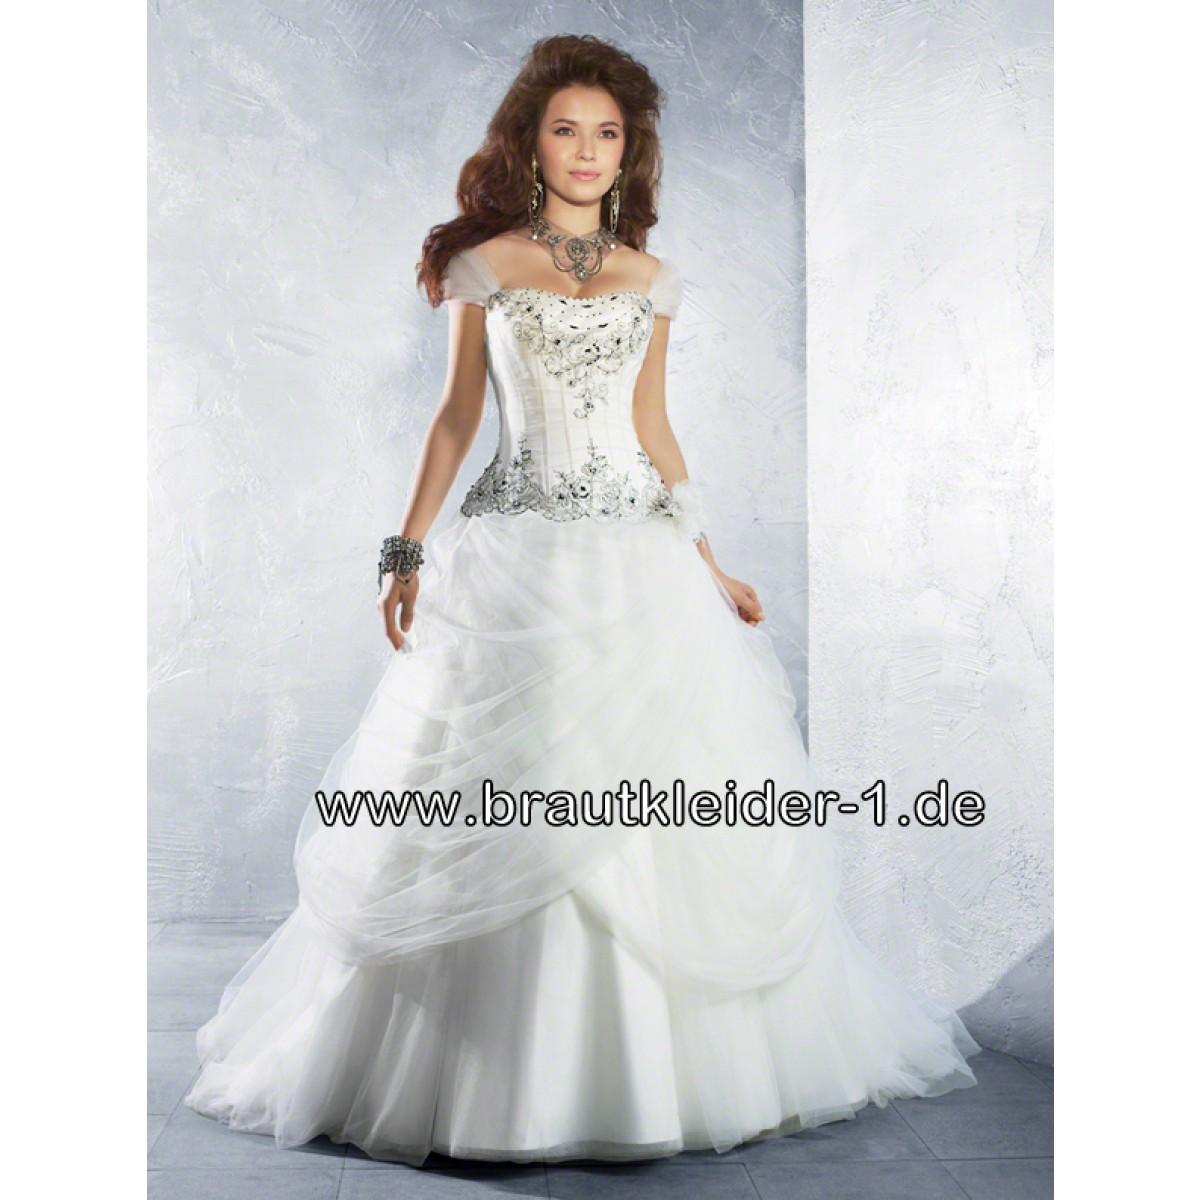 Brautkleider Auf Rechnung : brautkleider online auf rechnung ~ Themetempest.com Abrechnung